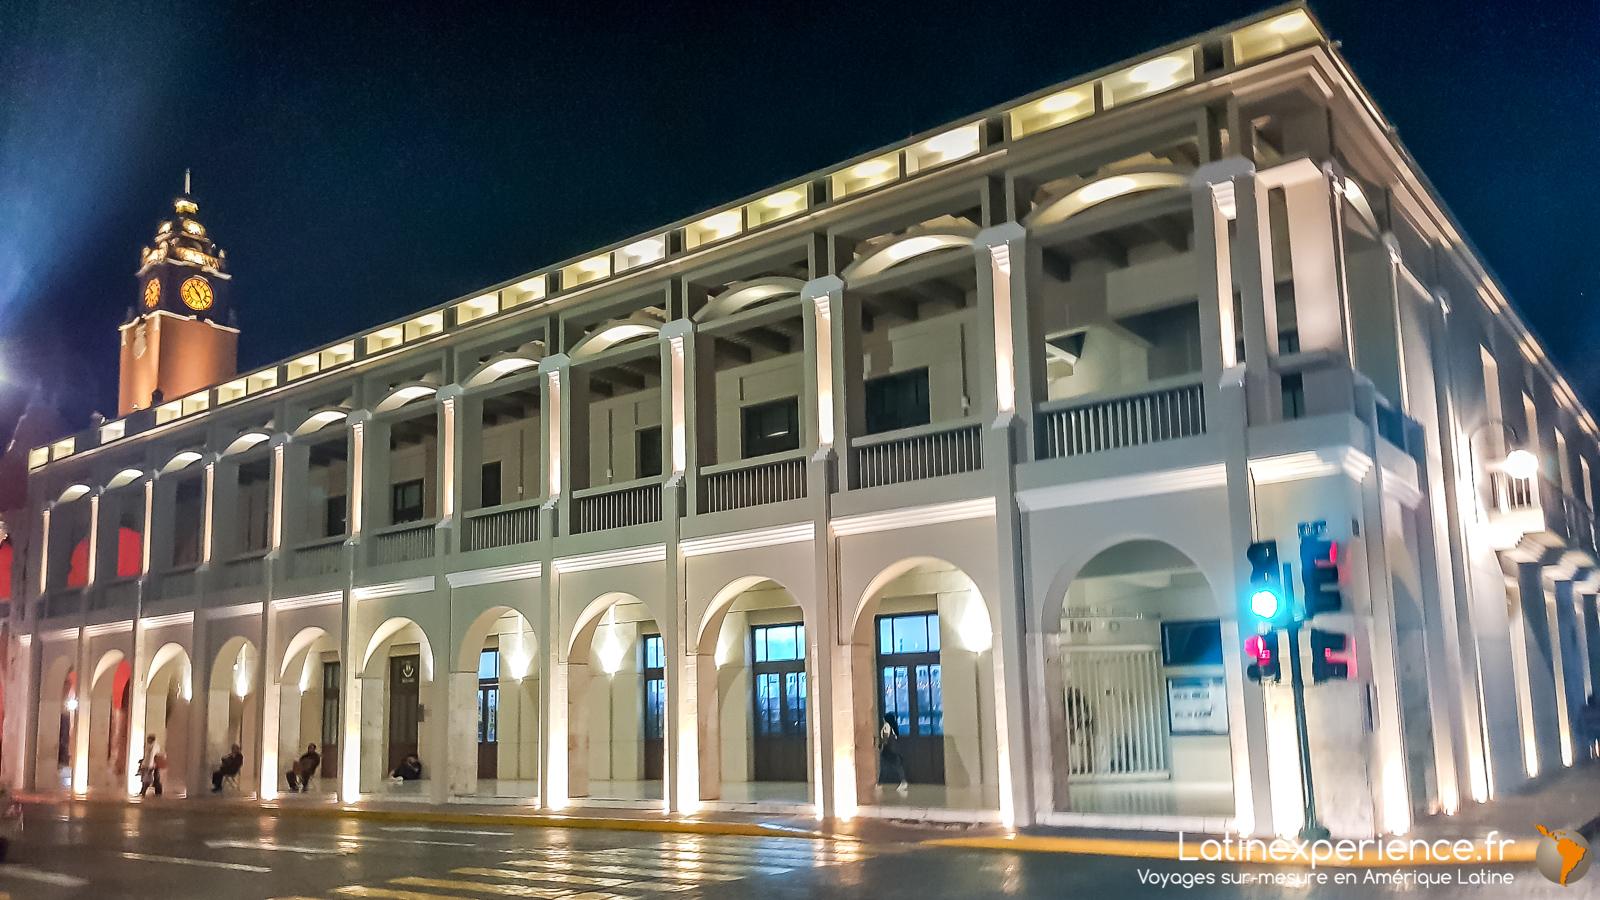 Mexique - Yucatan - batiment colonial - Mérida - Latinexperience voyages